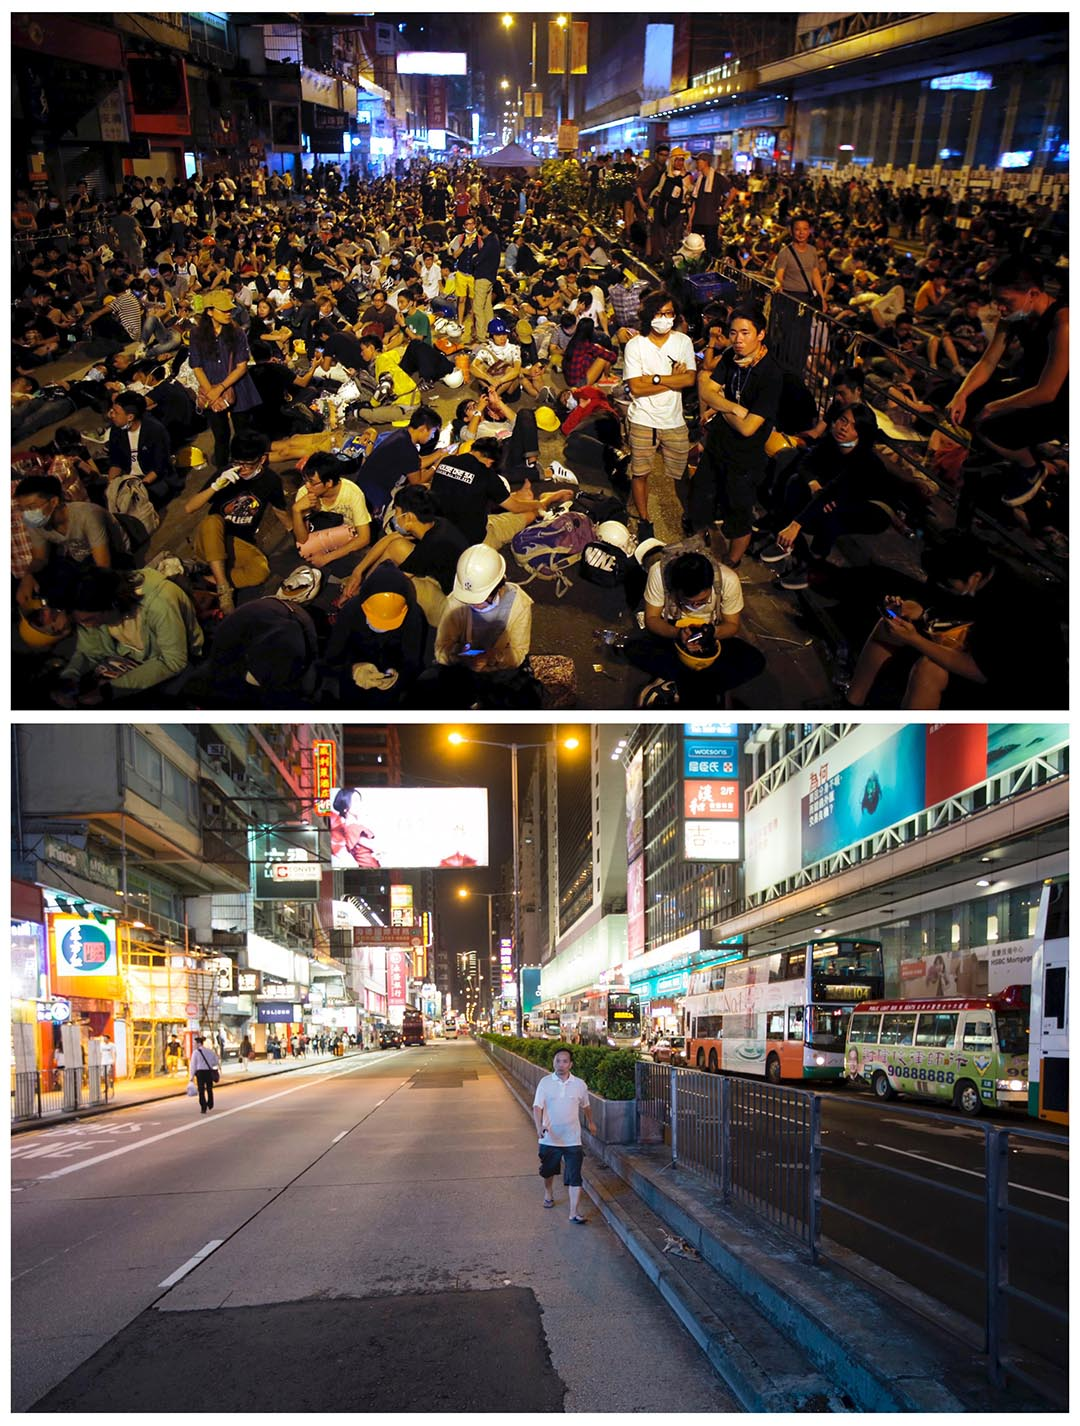 上圖攝於去年10月20日,爭取普選的示威者在旺角佔領區集會。下圖攝於今年9月16日,在旺角同一位置。攝:(上圖)Carlos Barria/REUTERS,(下圖)Tyrone Siu/REUTERS